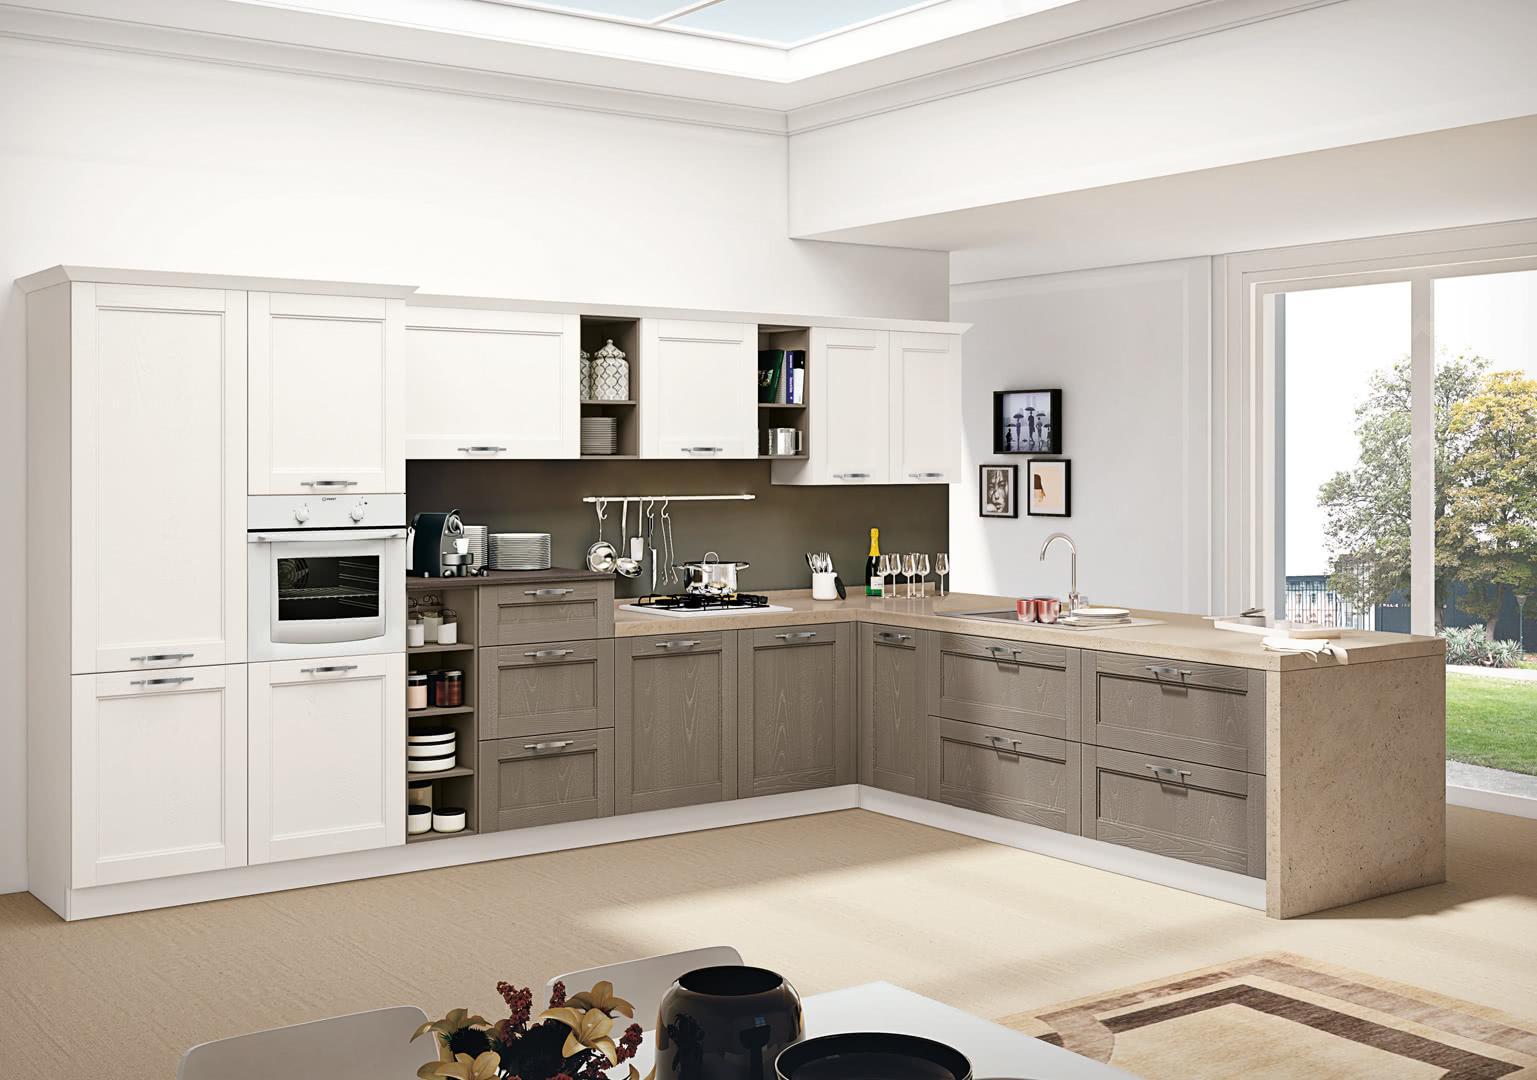 Cucina Kyra Creo Prezzo cucina componibile creo kitchens iris - trapani